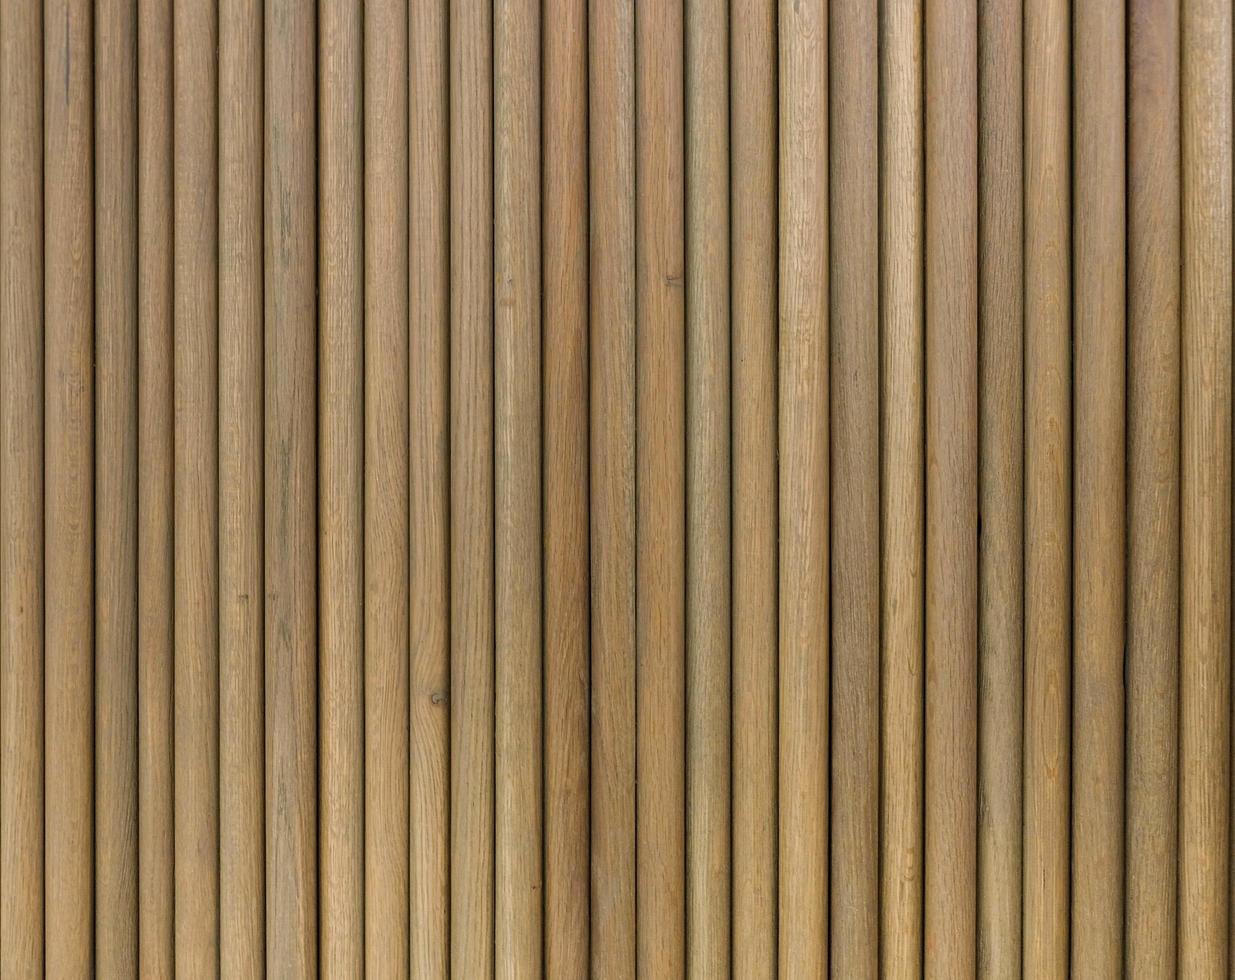 bambú marrón natural foto